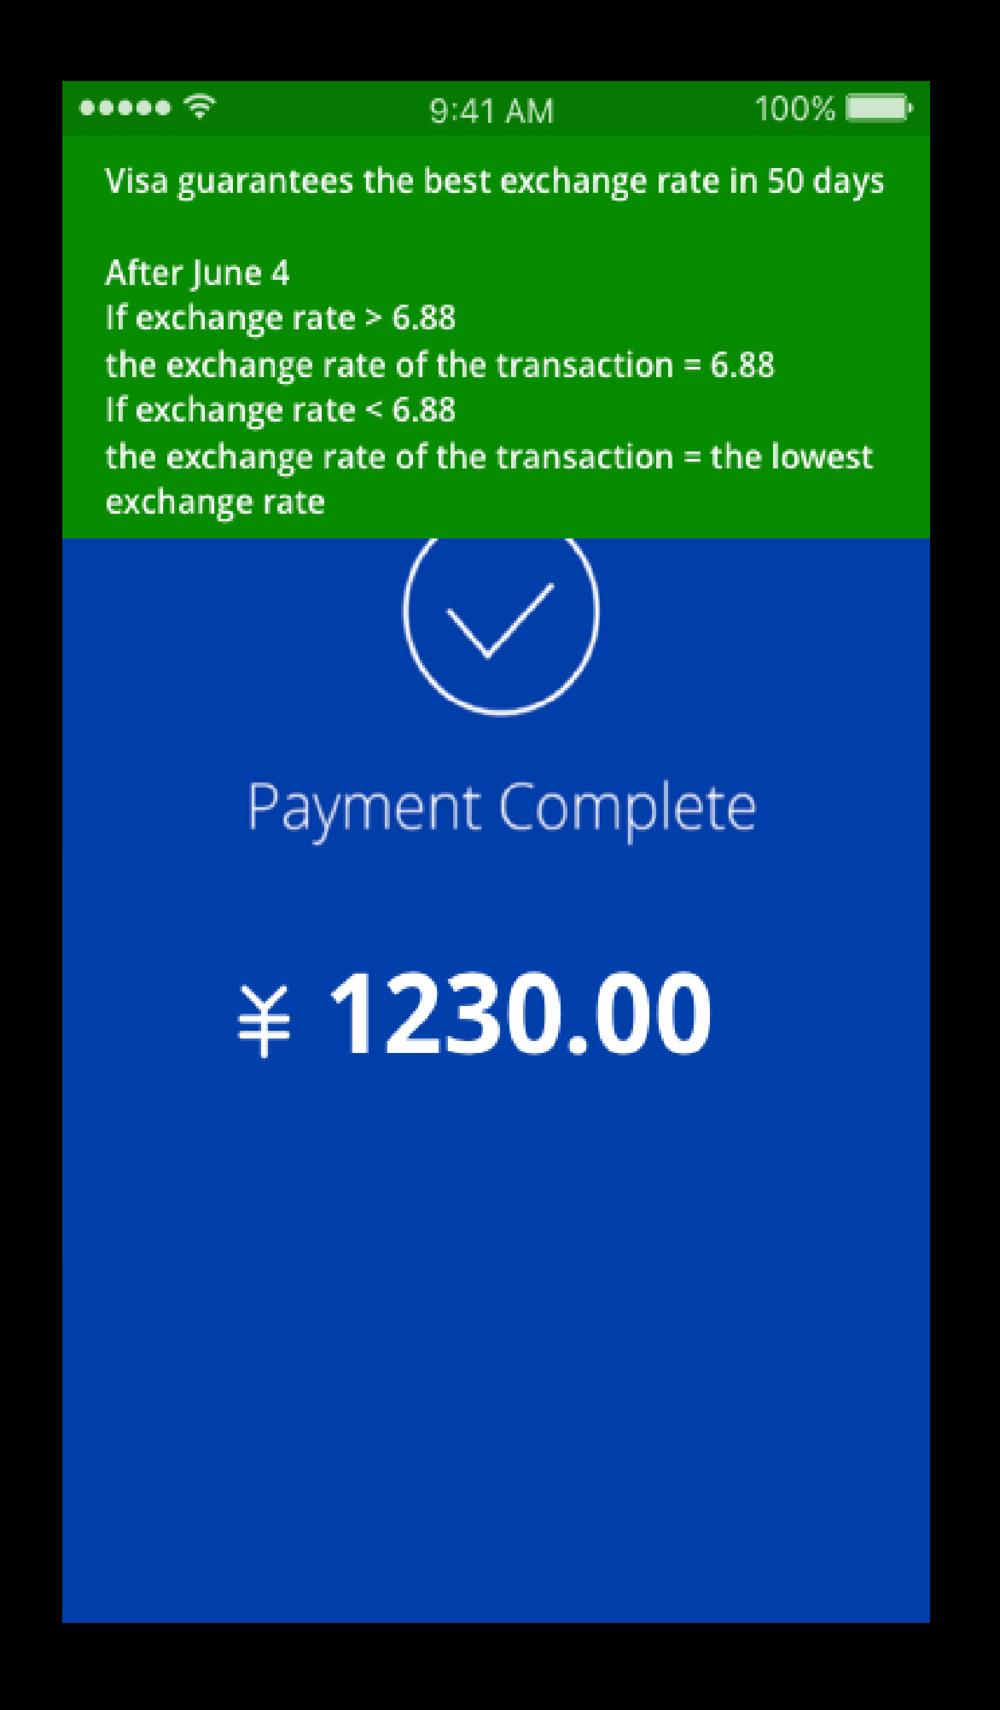 visa screens (best exchange rate)-01.png